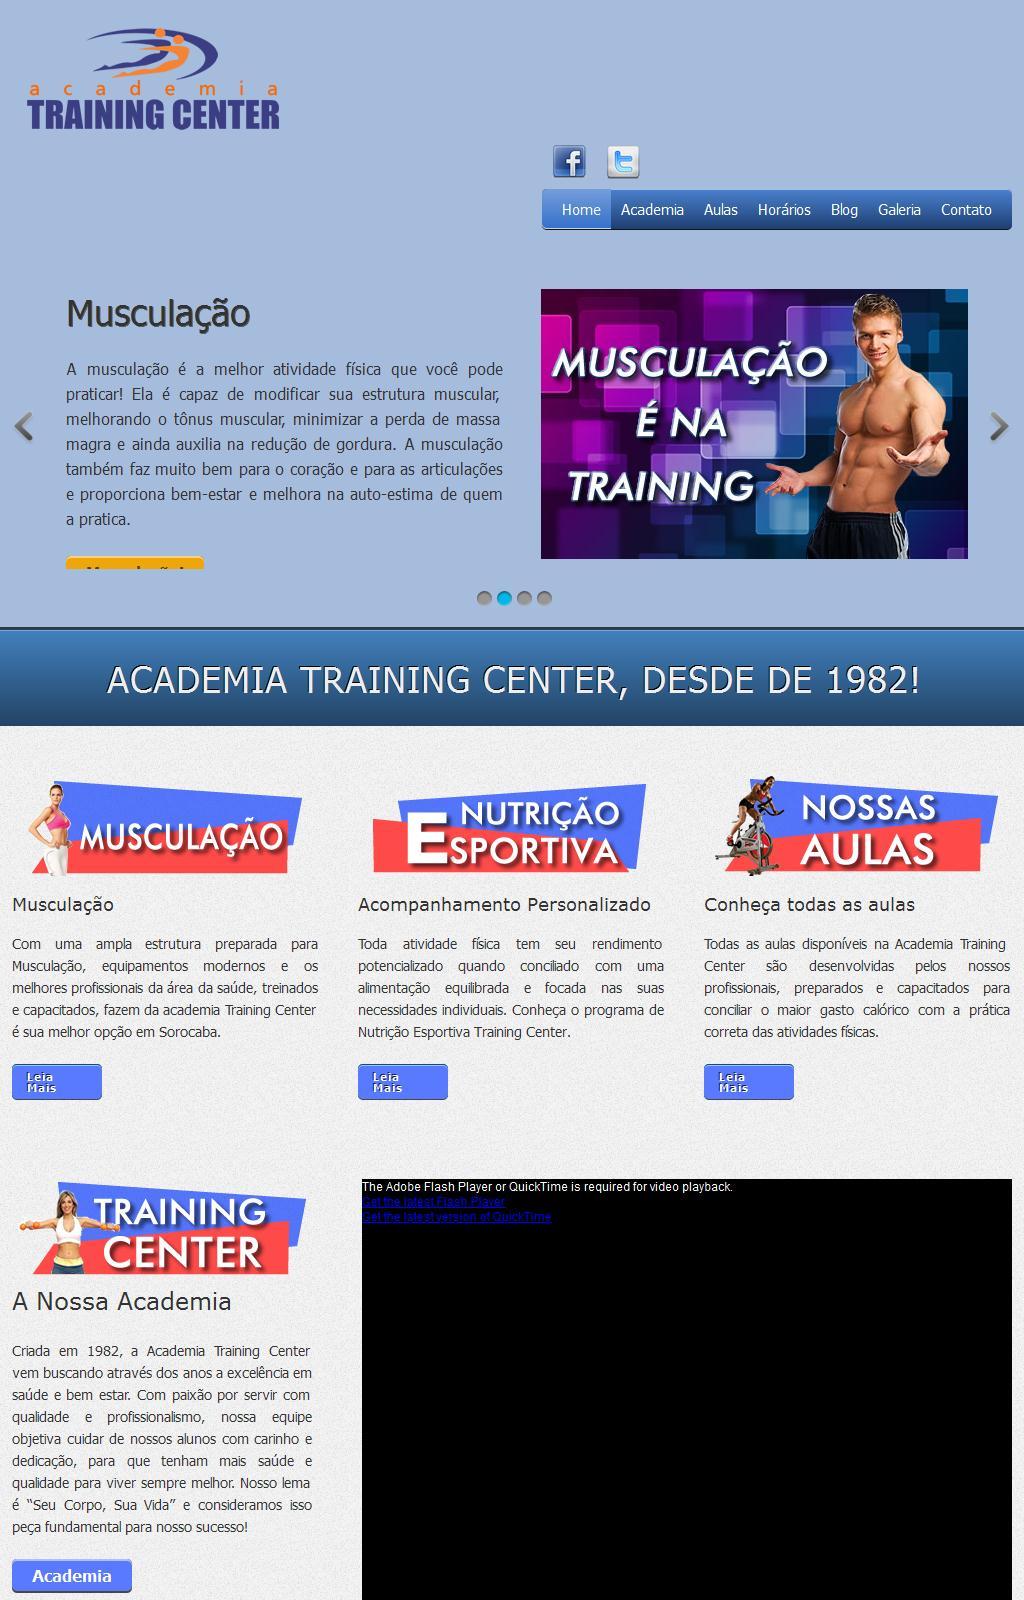 Academia de Ginástica e Musculação em Sorocaba Training Center